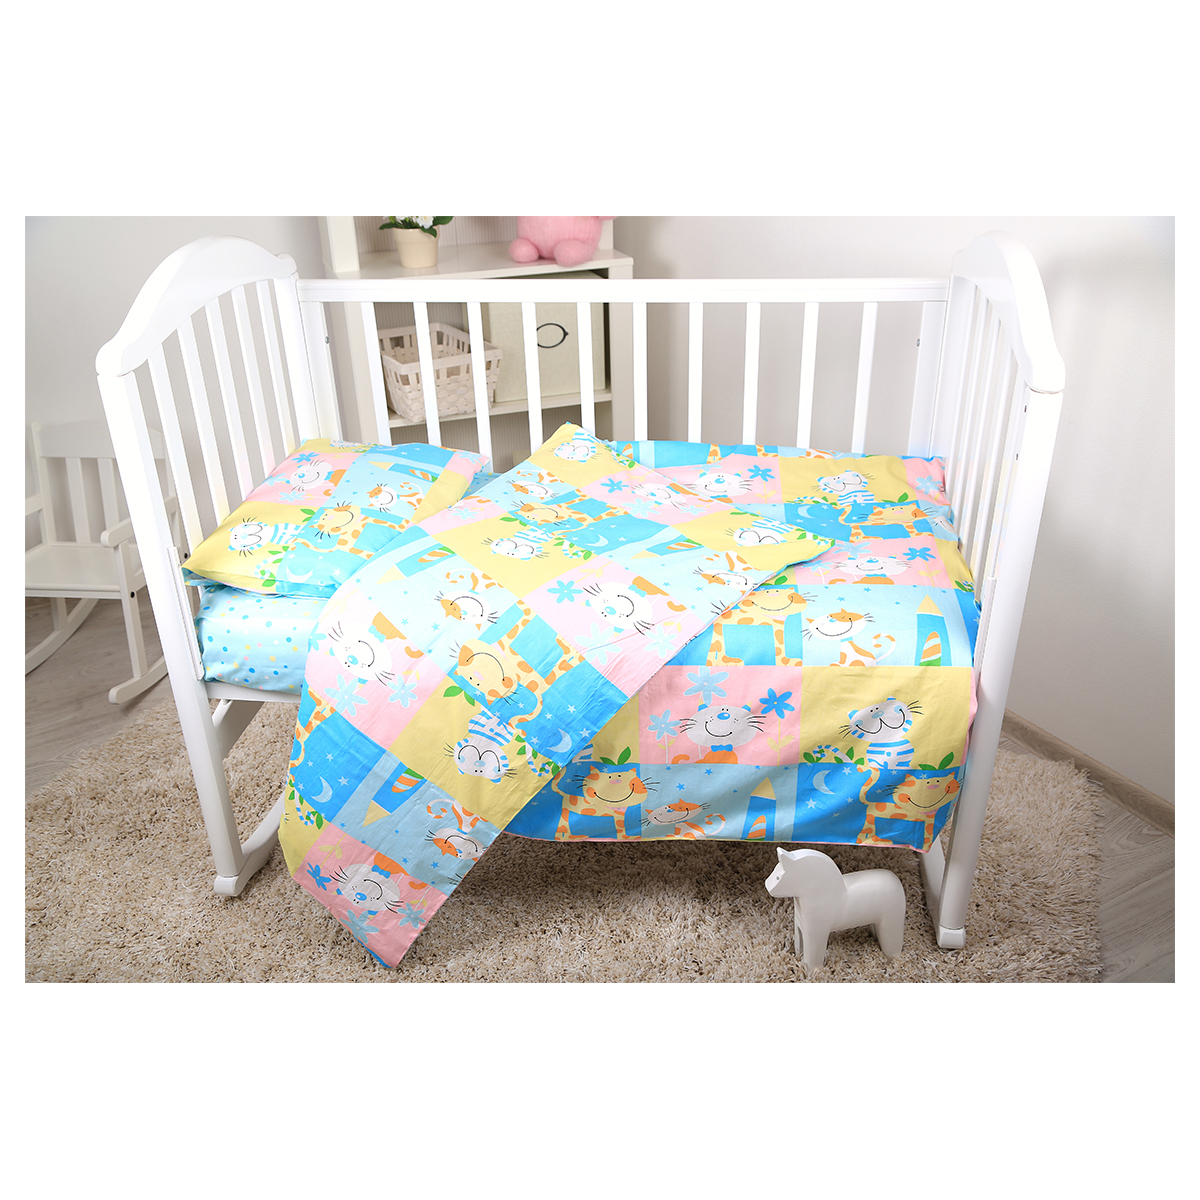 """Комплект белья для новорожденных Baby Nice """"Веселые котята"""" - нежный сатин делает детское постельное белье мягкими и шелковистыми. Красивое детское постельное белье помогает детям заснуть: они с удовольствием ложатся в кроватку и просыпаются в хорошем настроении. Этому способствуют и замечательные характеристики сатина: гипоаллергенность, отличный влаго- и теплообмен."""